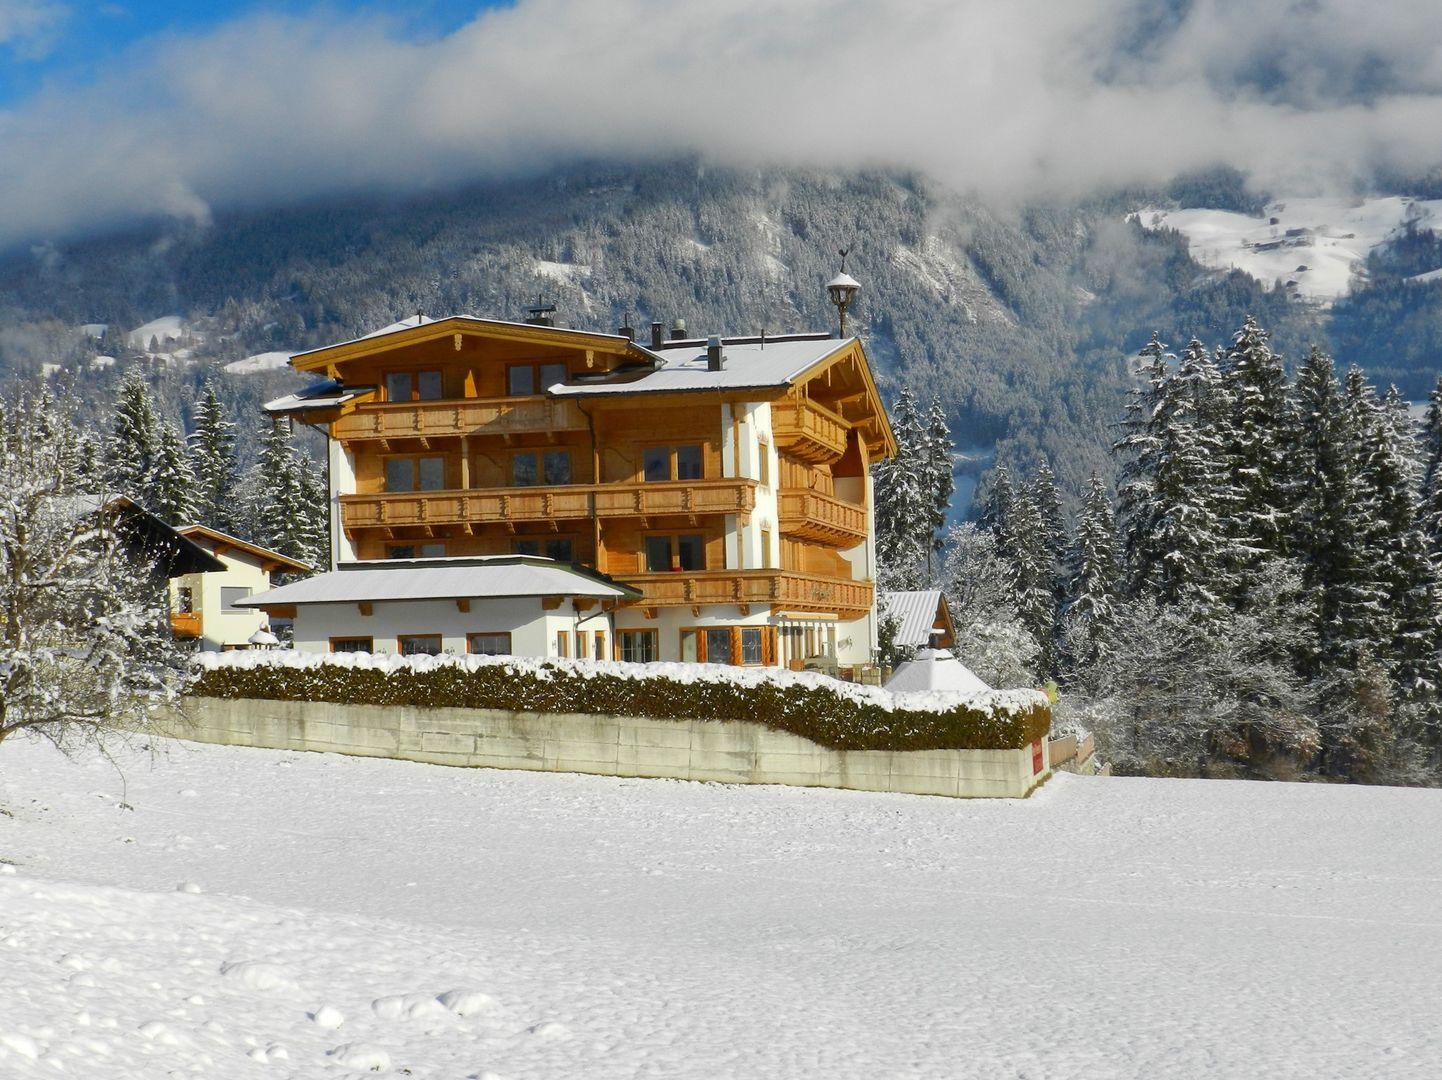 Hotel Pension Wiesenhof - Slide 1